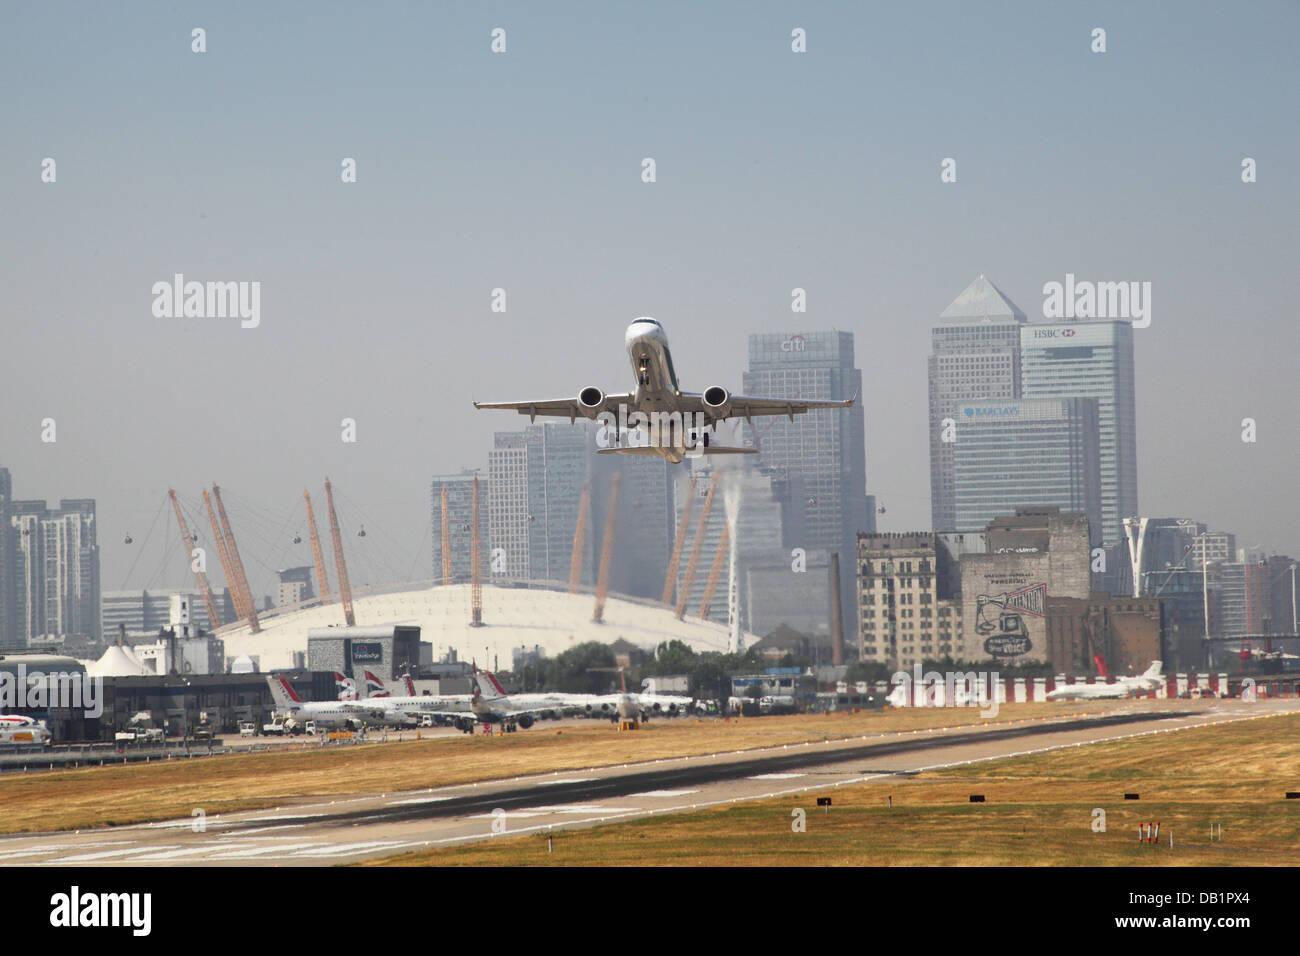 Un jet de passagers décolle de l'aéroport de London City avec Canary Wharf et le dôme du millénaire Photo Stock